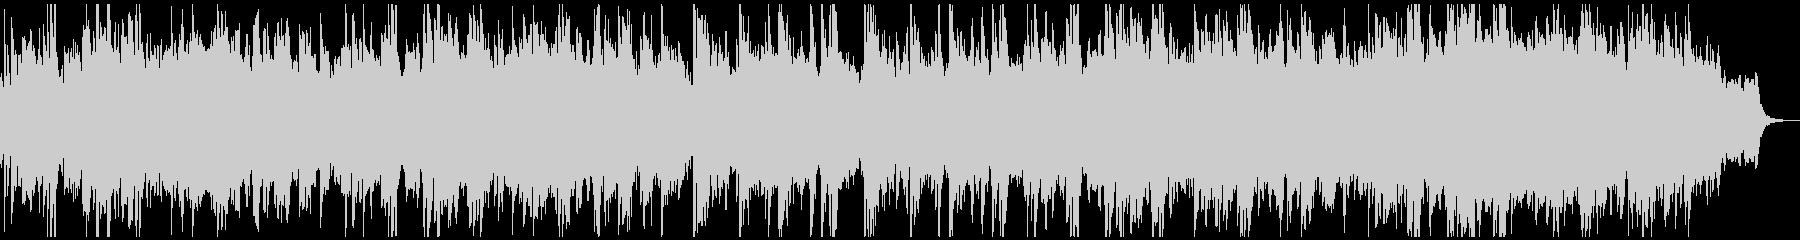 ビフォーアフター風/感動的なピアノの未再生の波形